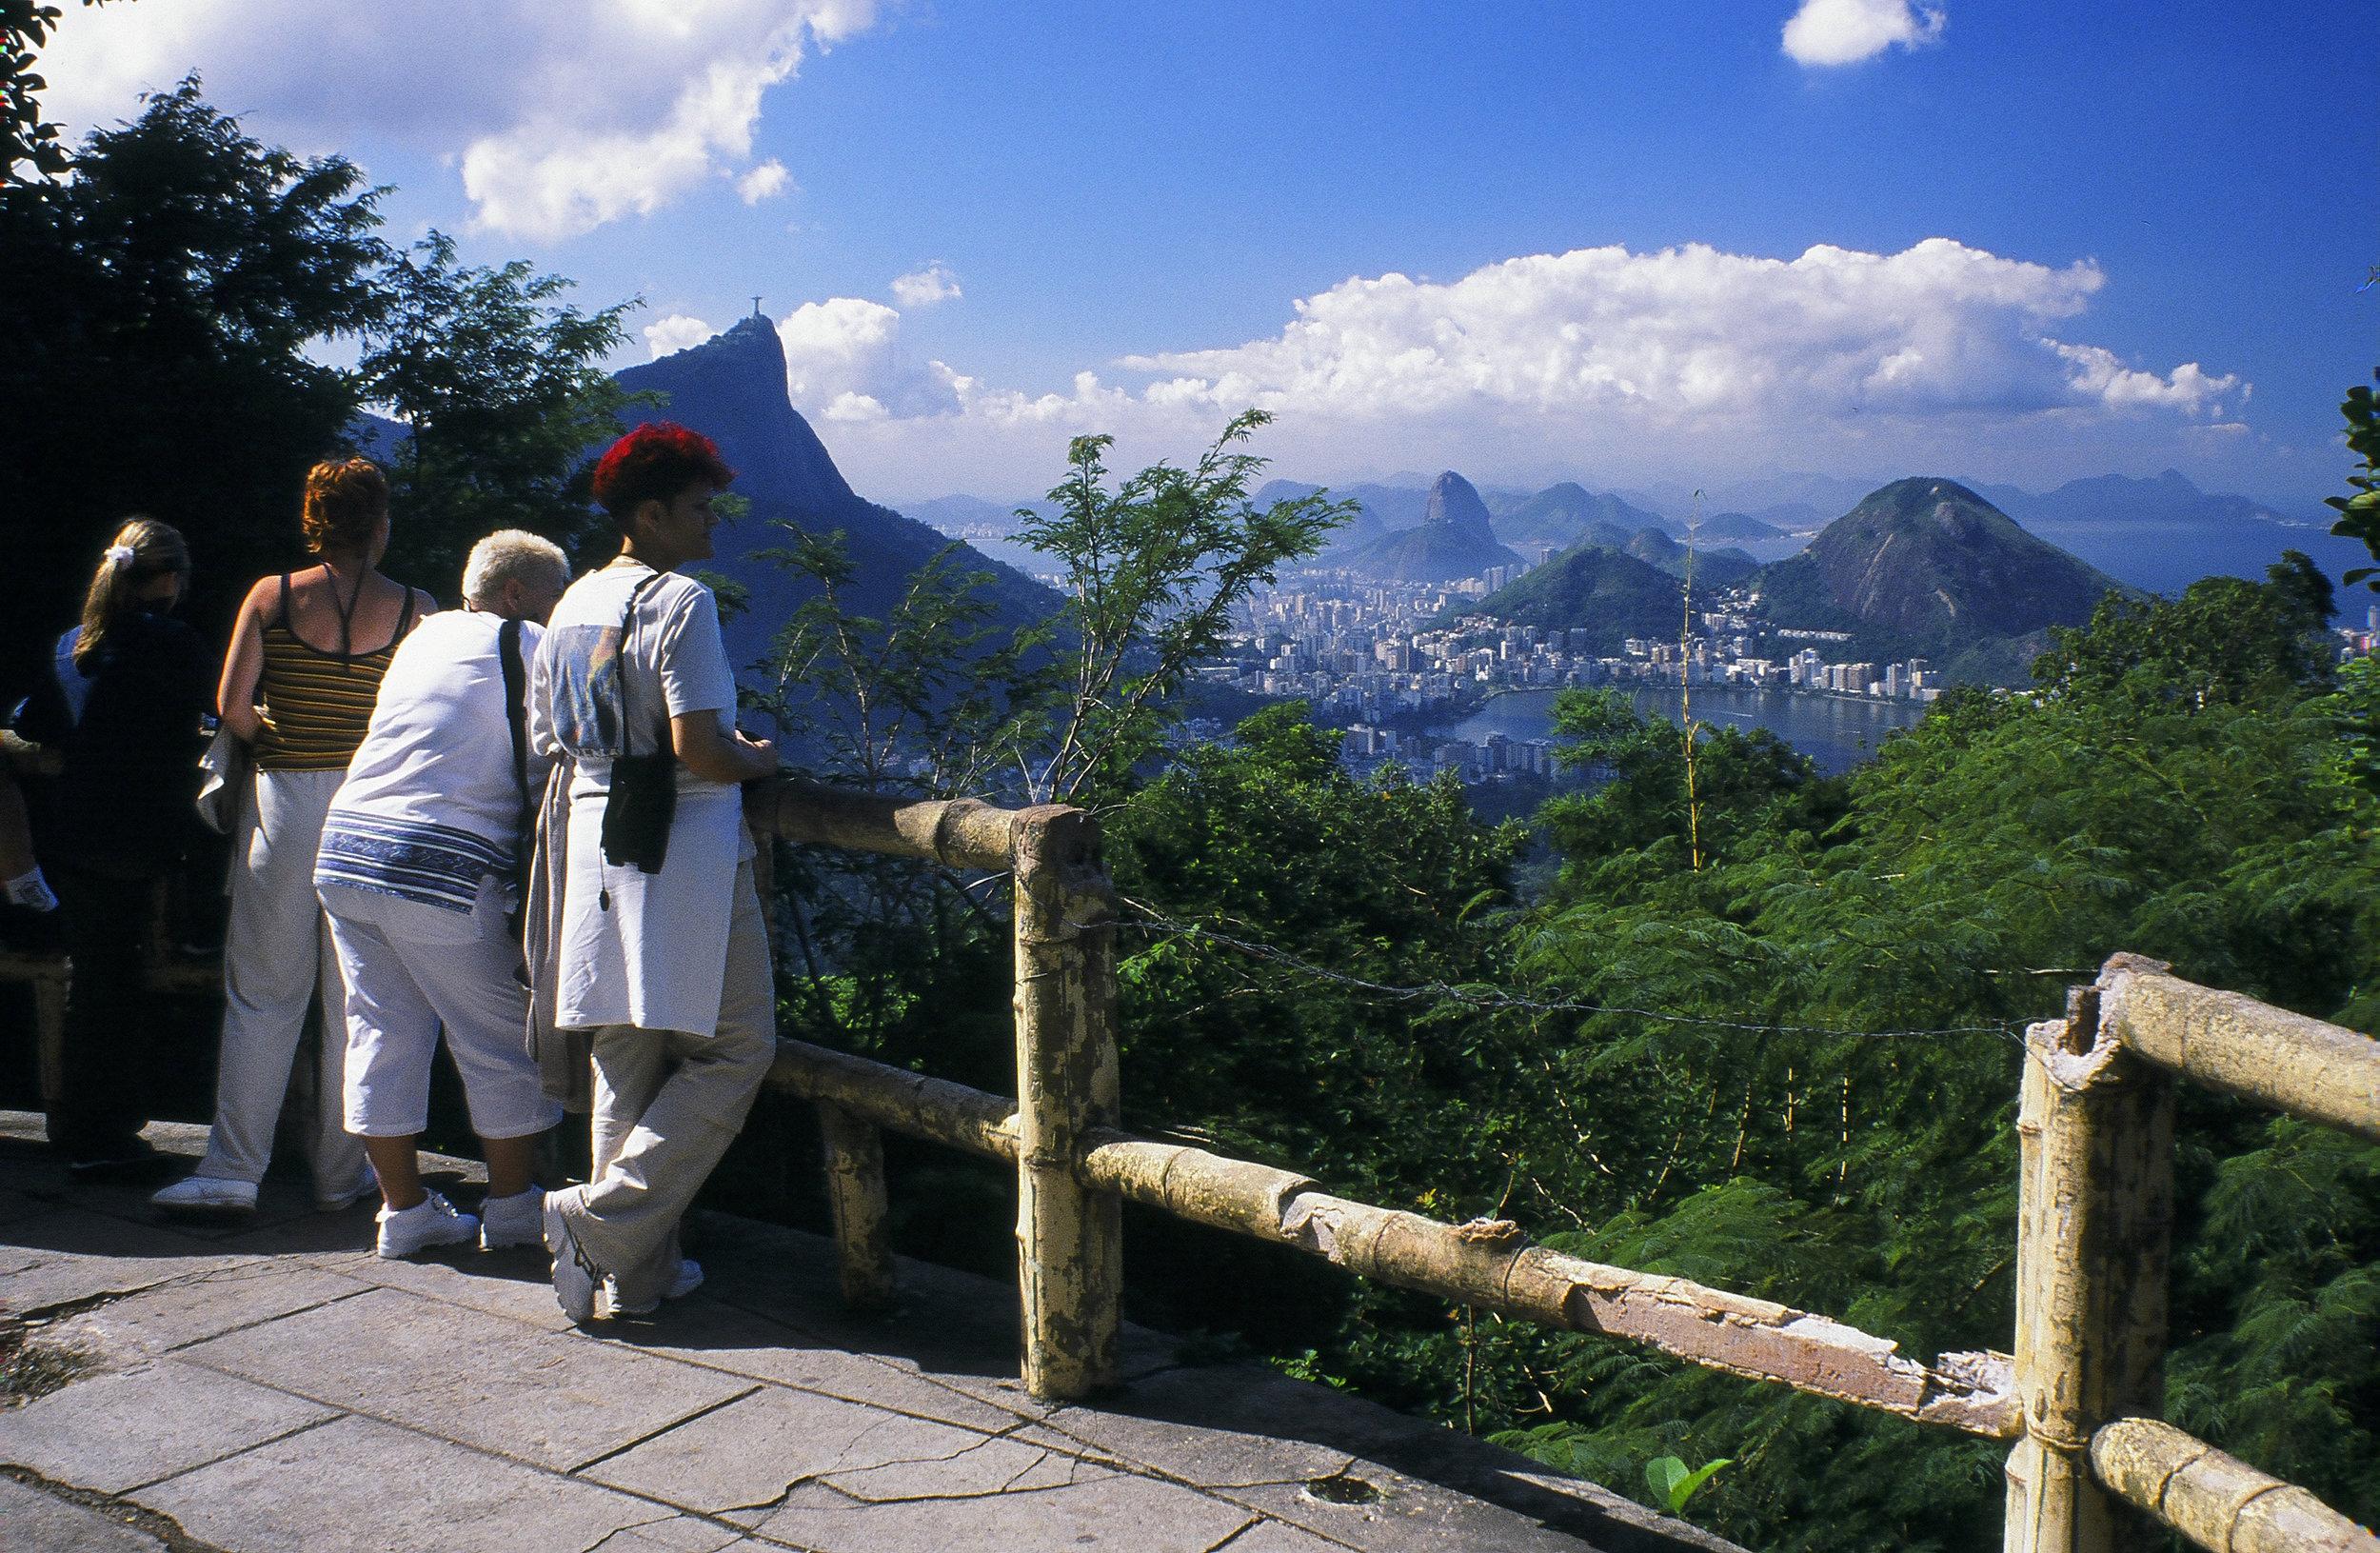 An urban rainforest, Tijuca National Park, Rio de Janeiro, Brazil